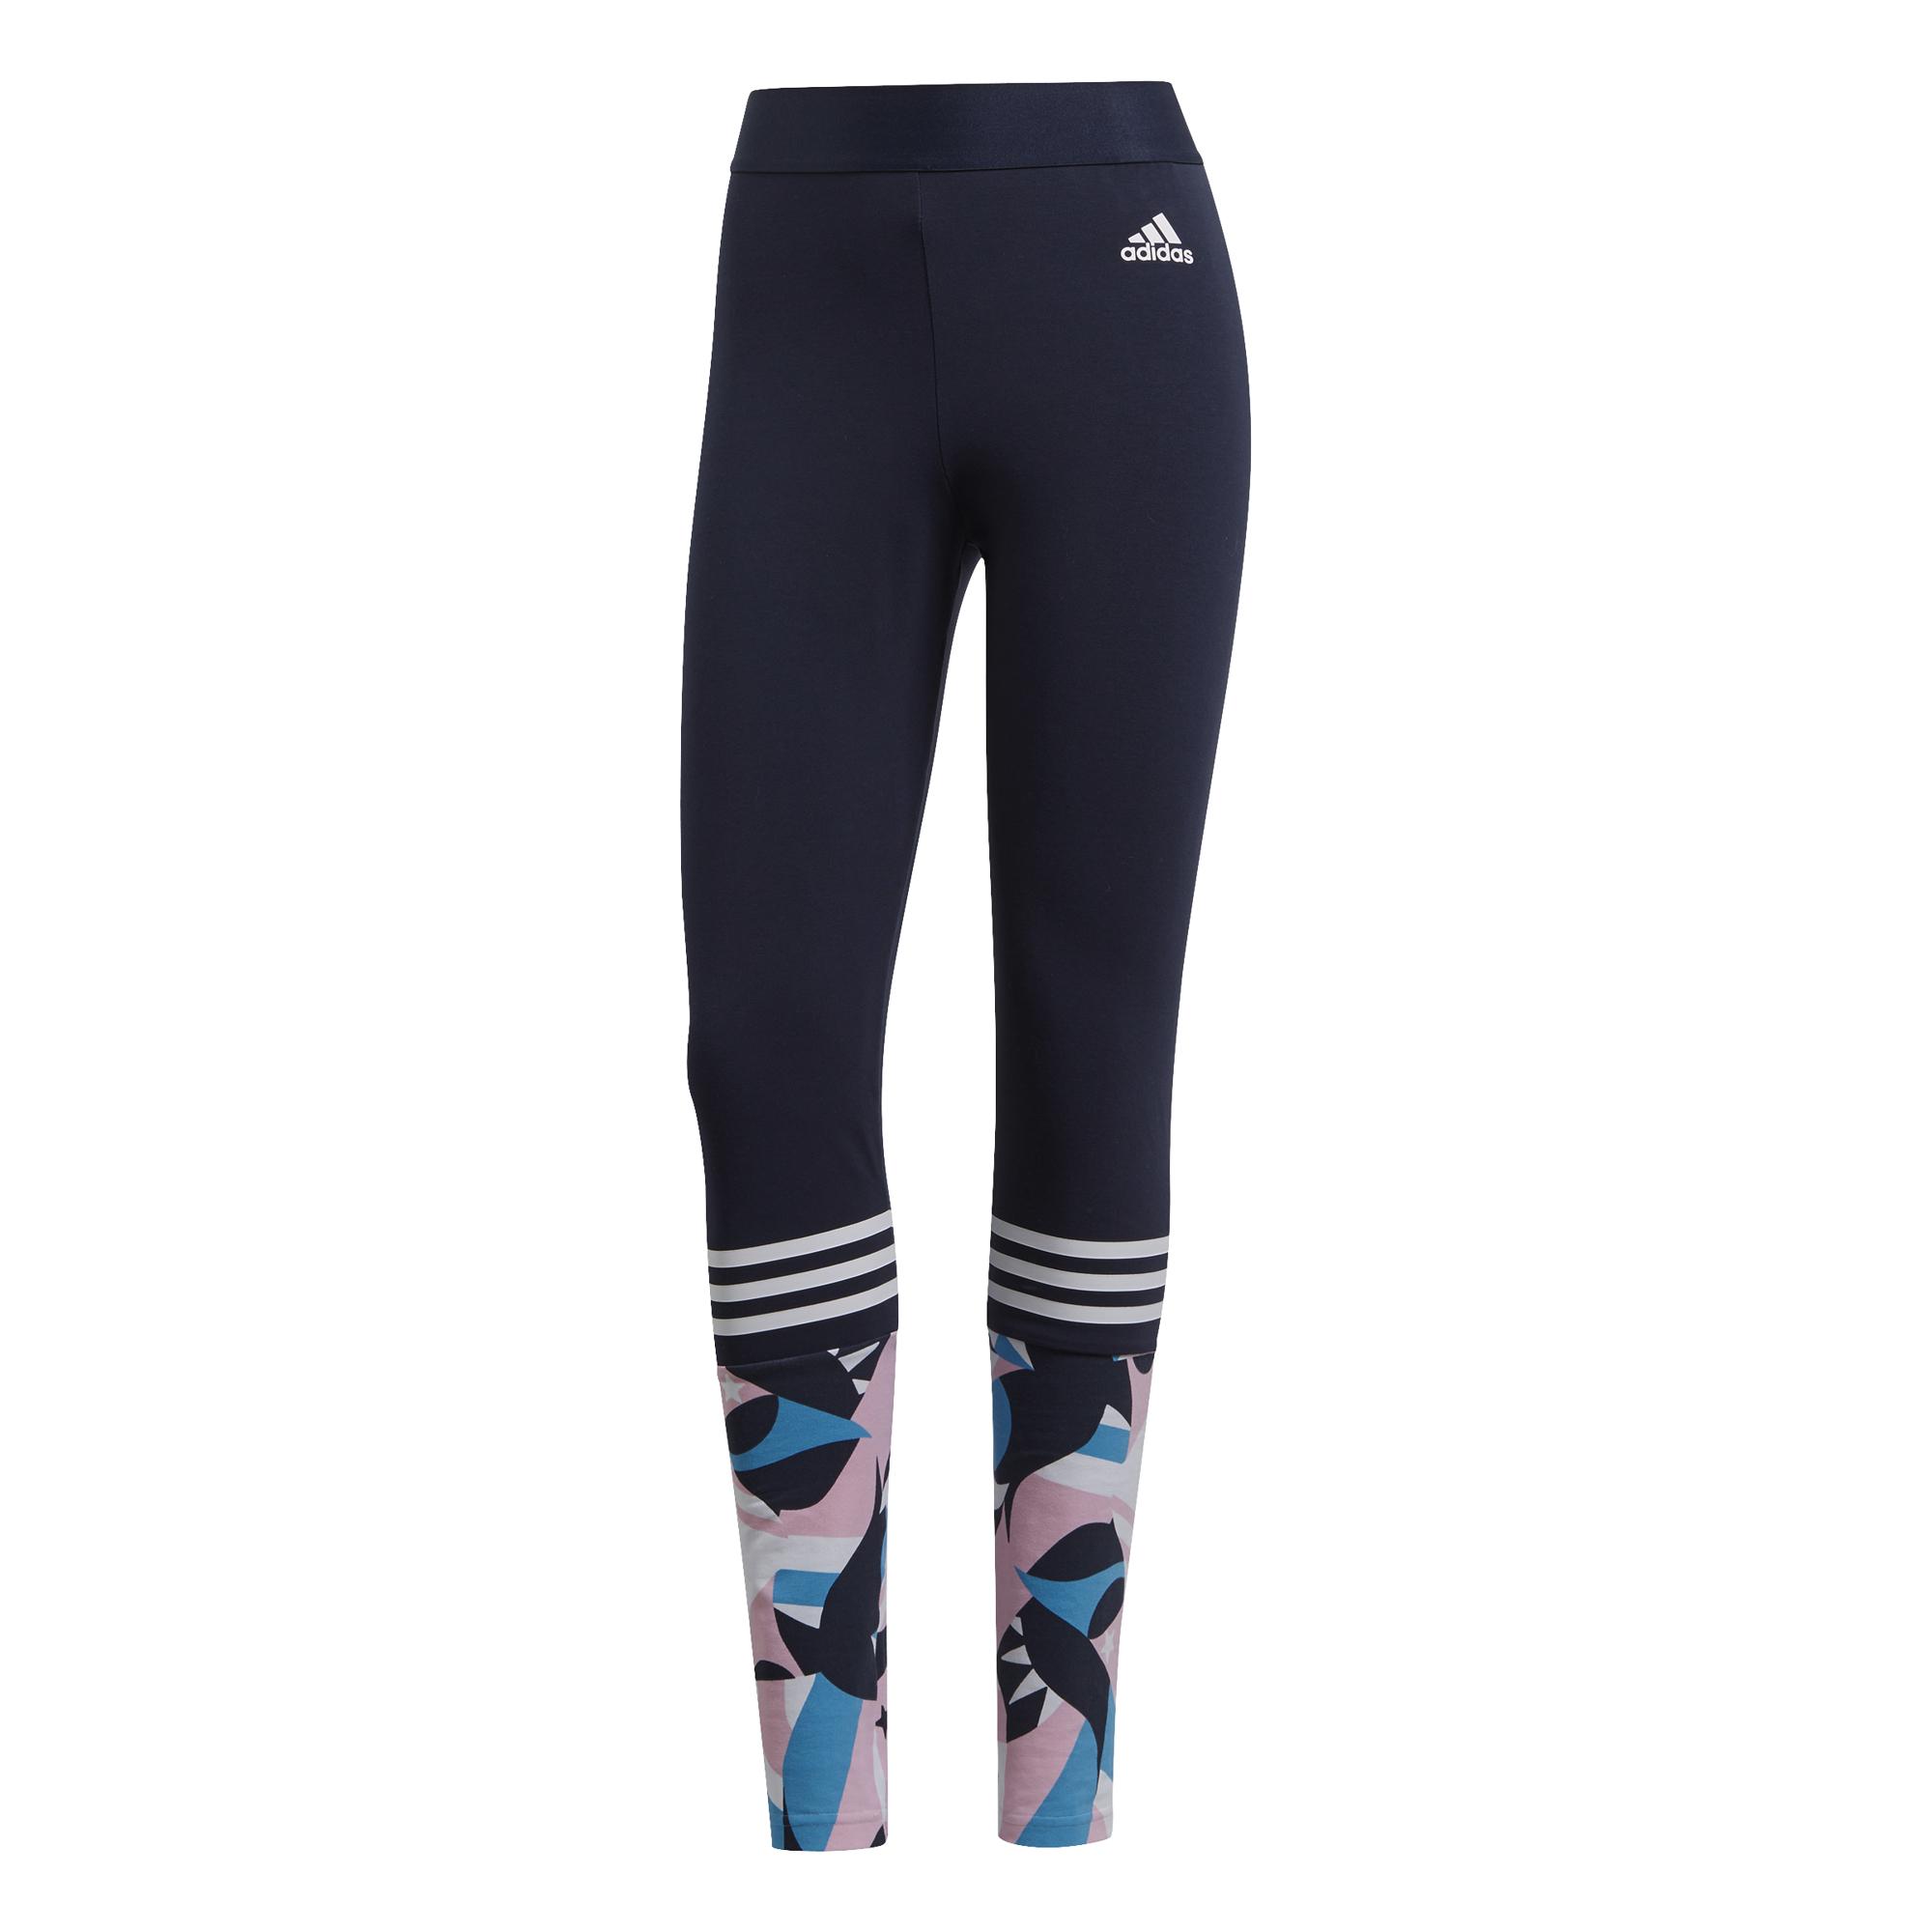 Športové oblečenie a športové potreby - STYLE SPORT.SK 04e04f52c17